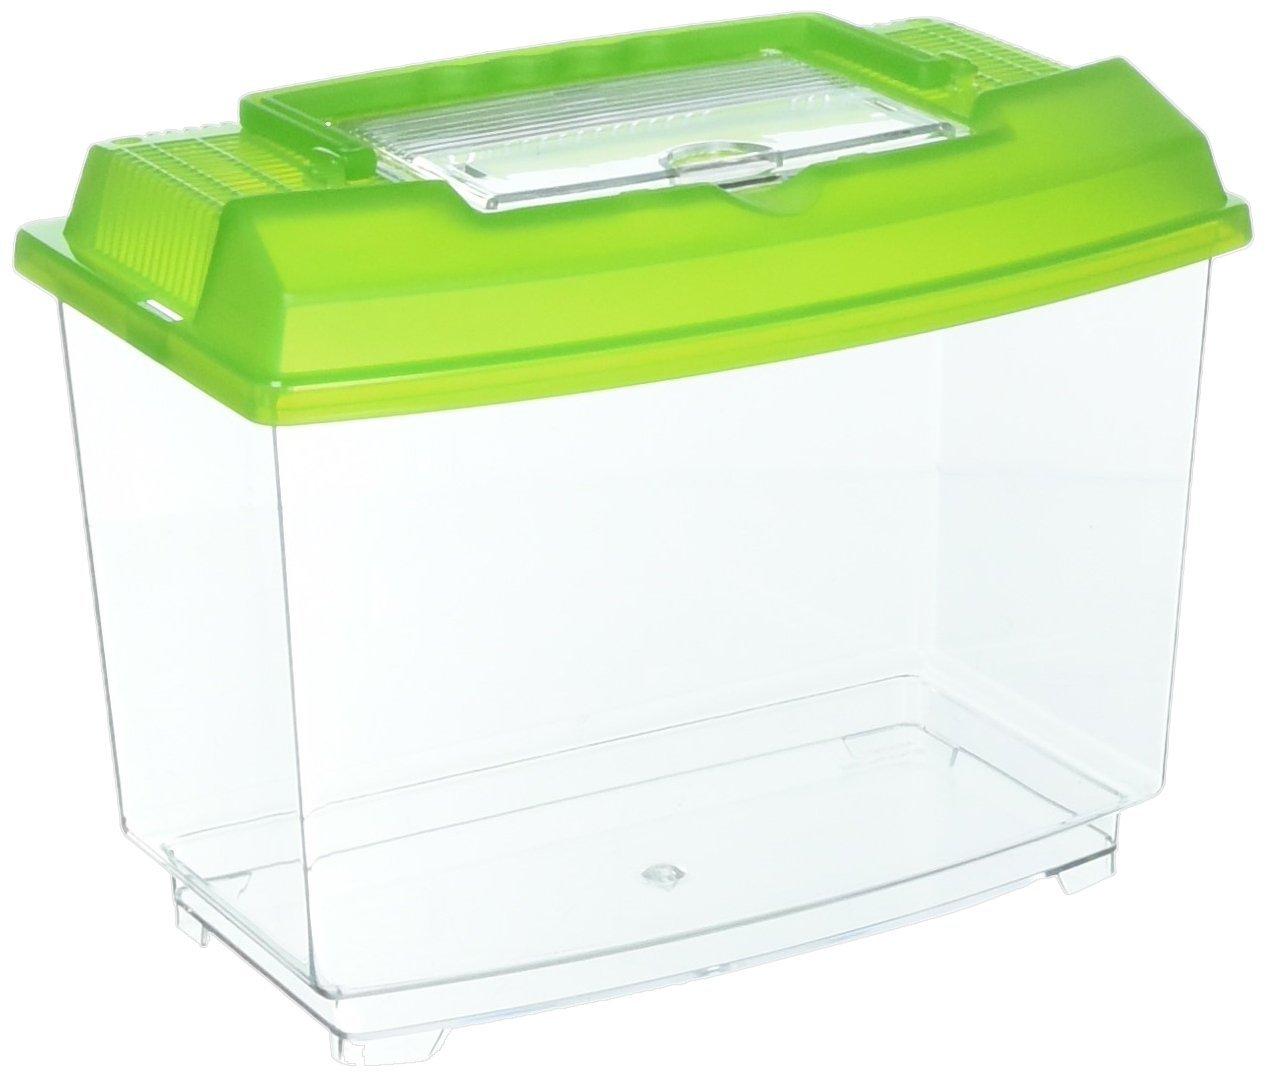 Penn-Plax NW25, Acuario de plástico para acuariofilia 4 L, Colores surtidos: Amazon.es: Productos para mascotas